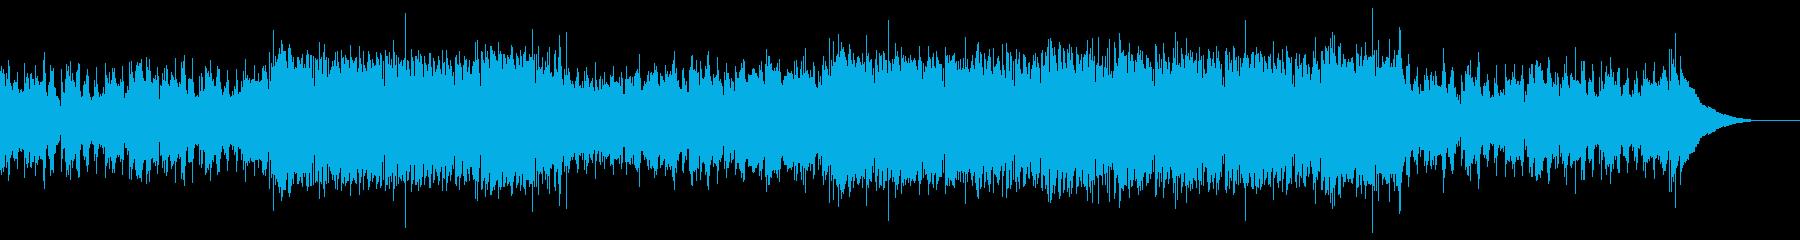 生演奏ウクレレ爽やかかわいいオープニングの再生済みの波形